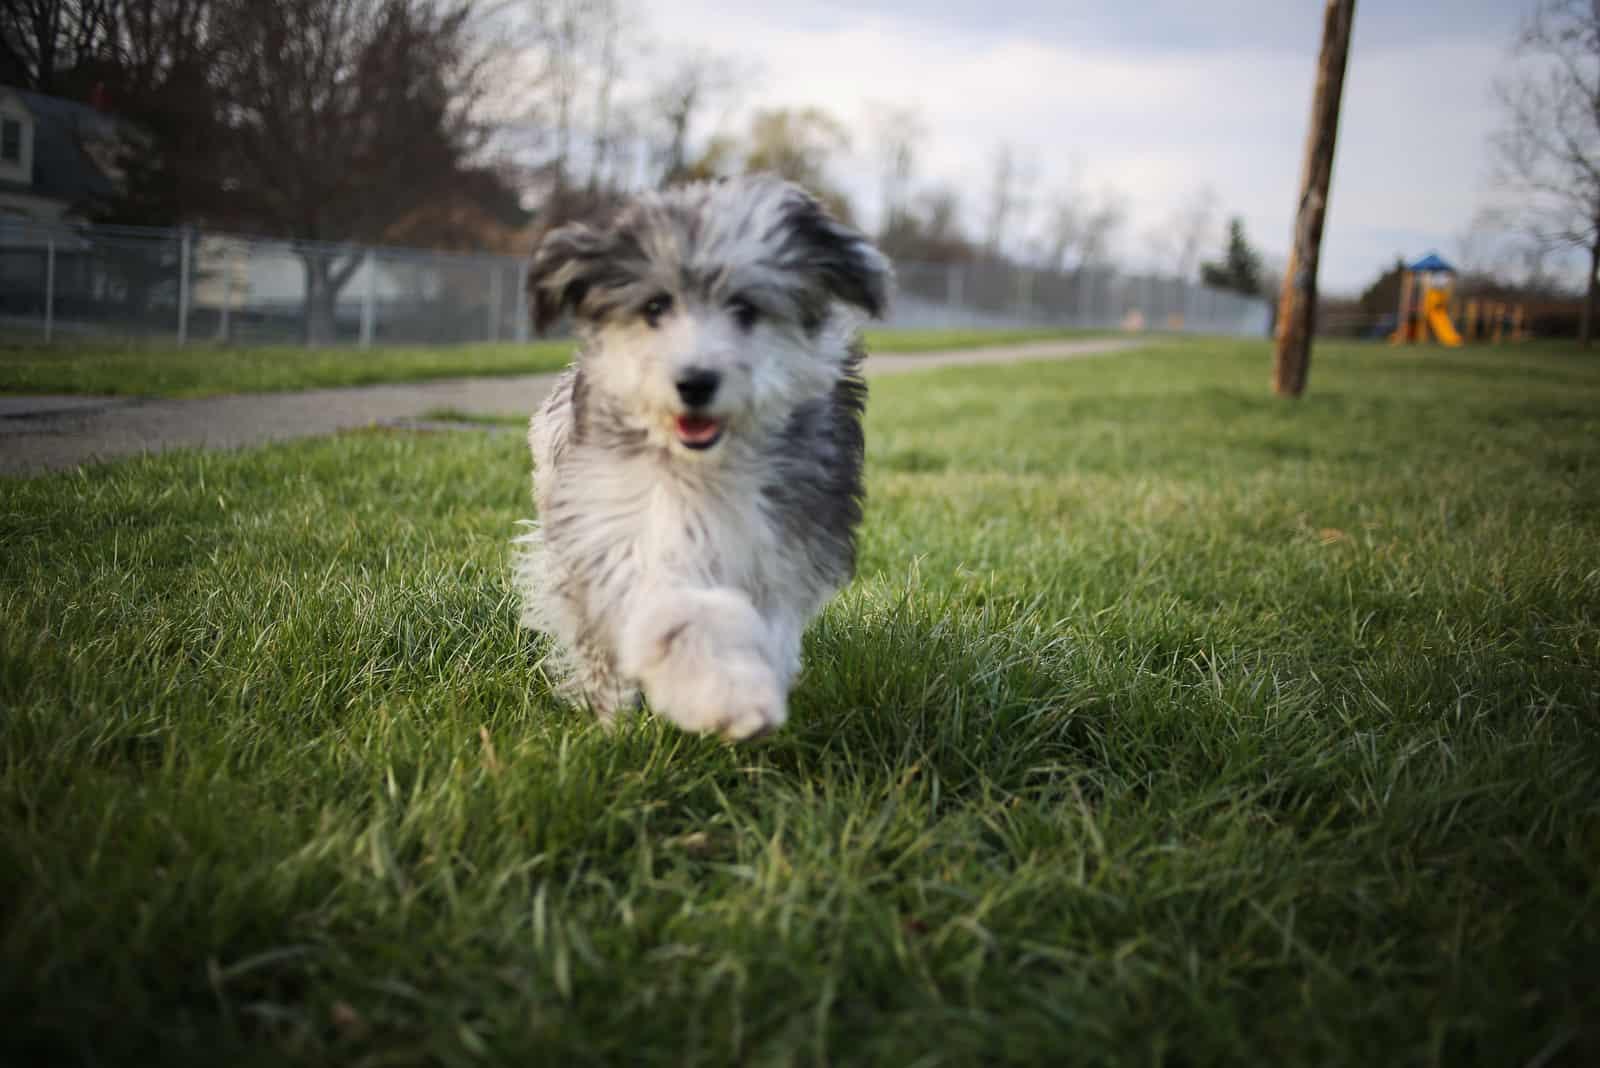 Ein schöner zweifarbiger langhaariger Hund rennt über das Gras